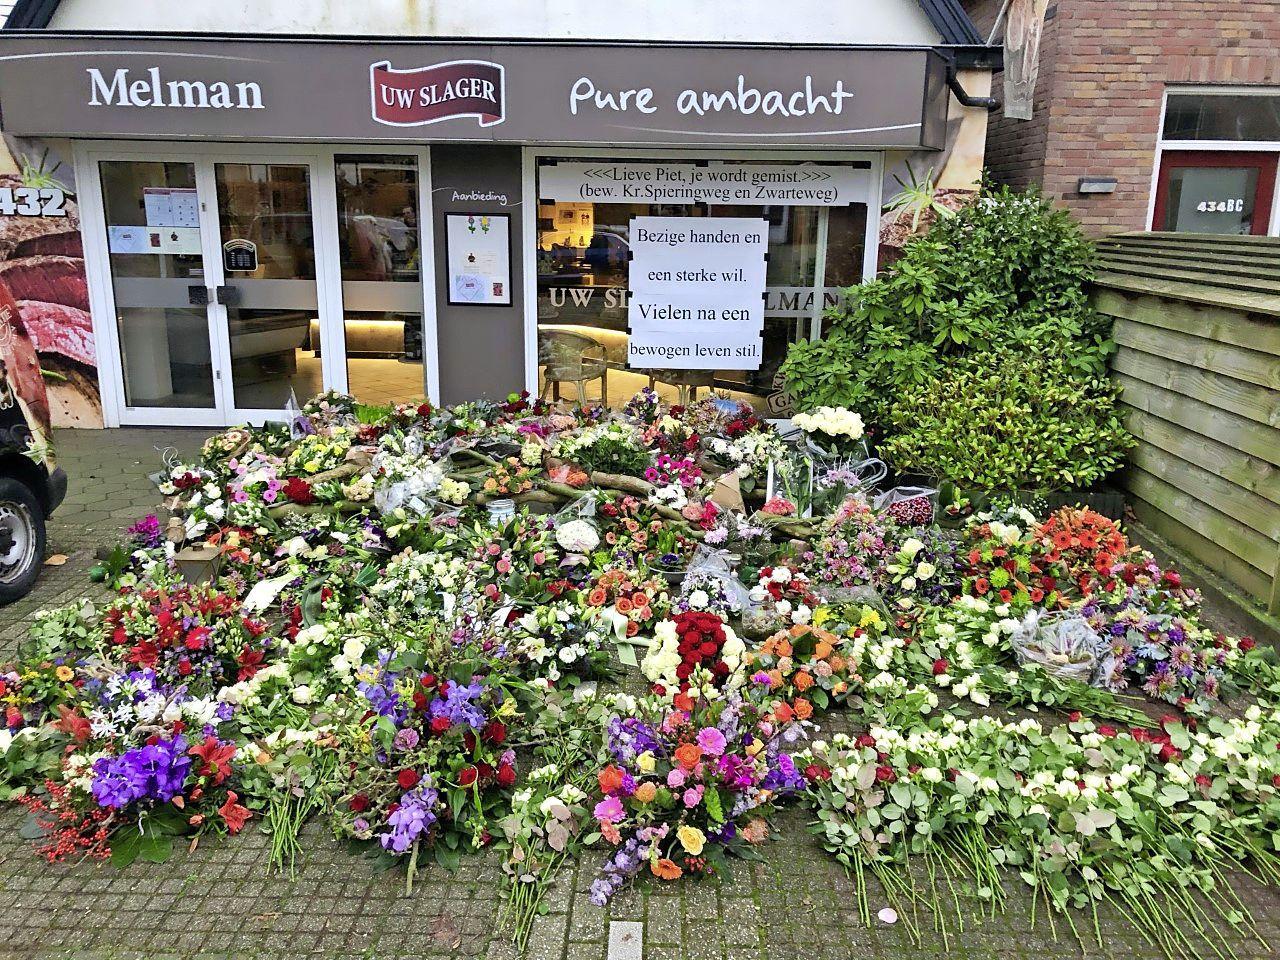 Een half jaar na diens overlijden stopt de slagerij van Piet Melman. 'Het was zijn levenswerk'